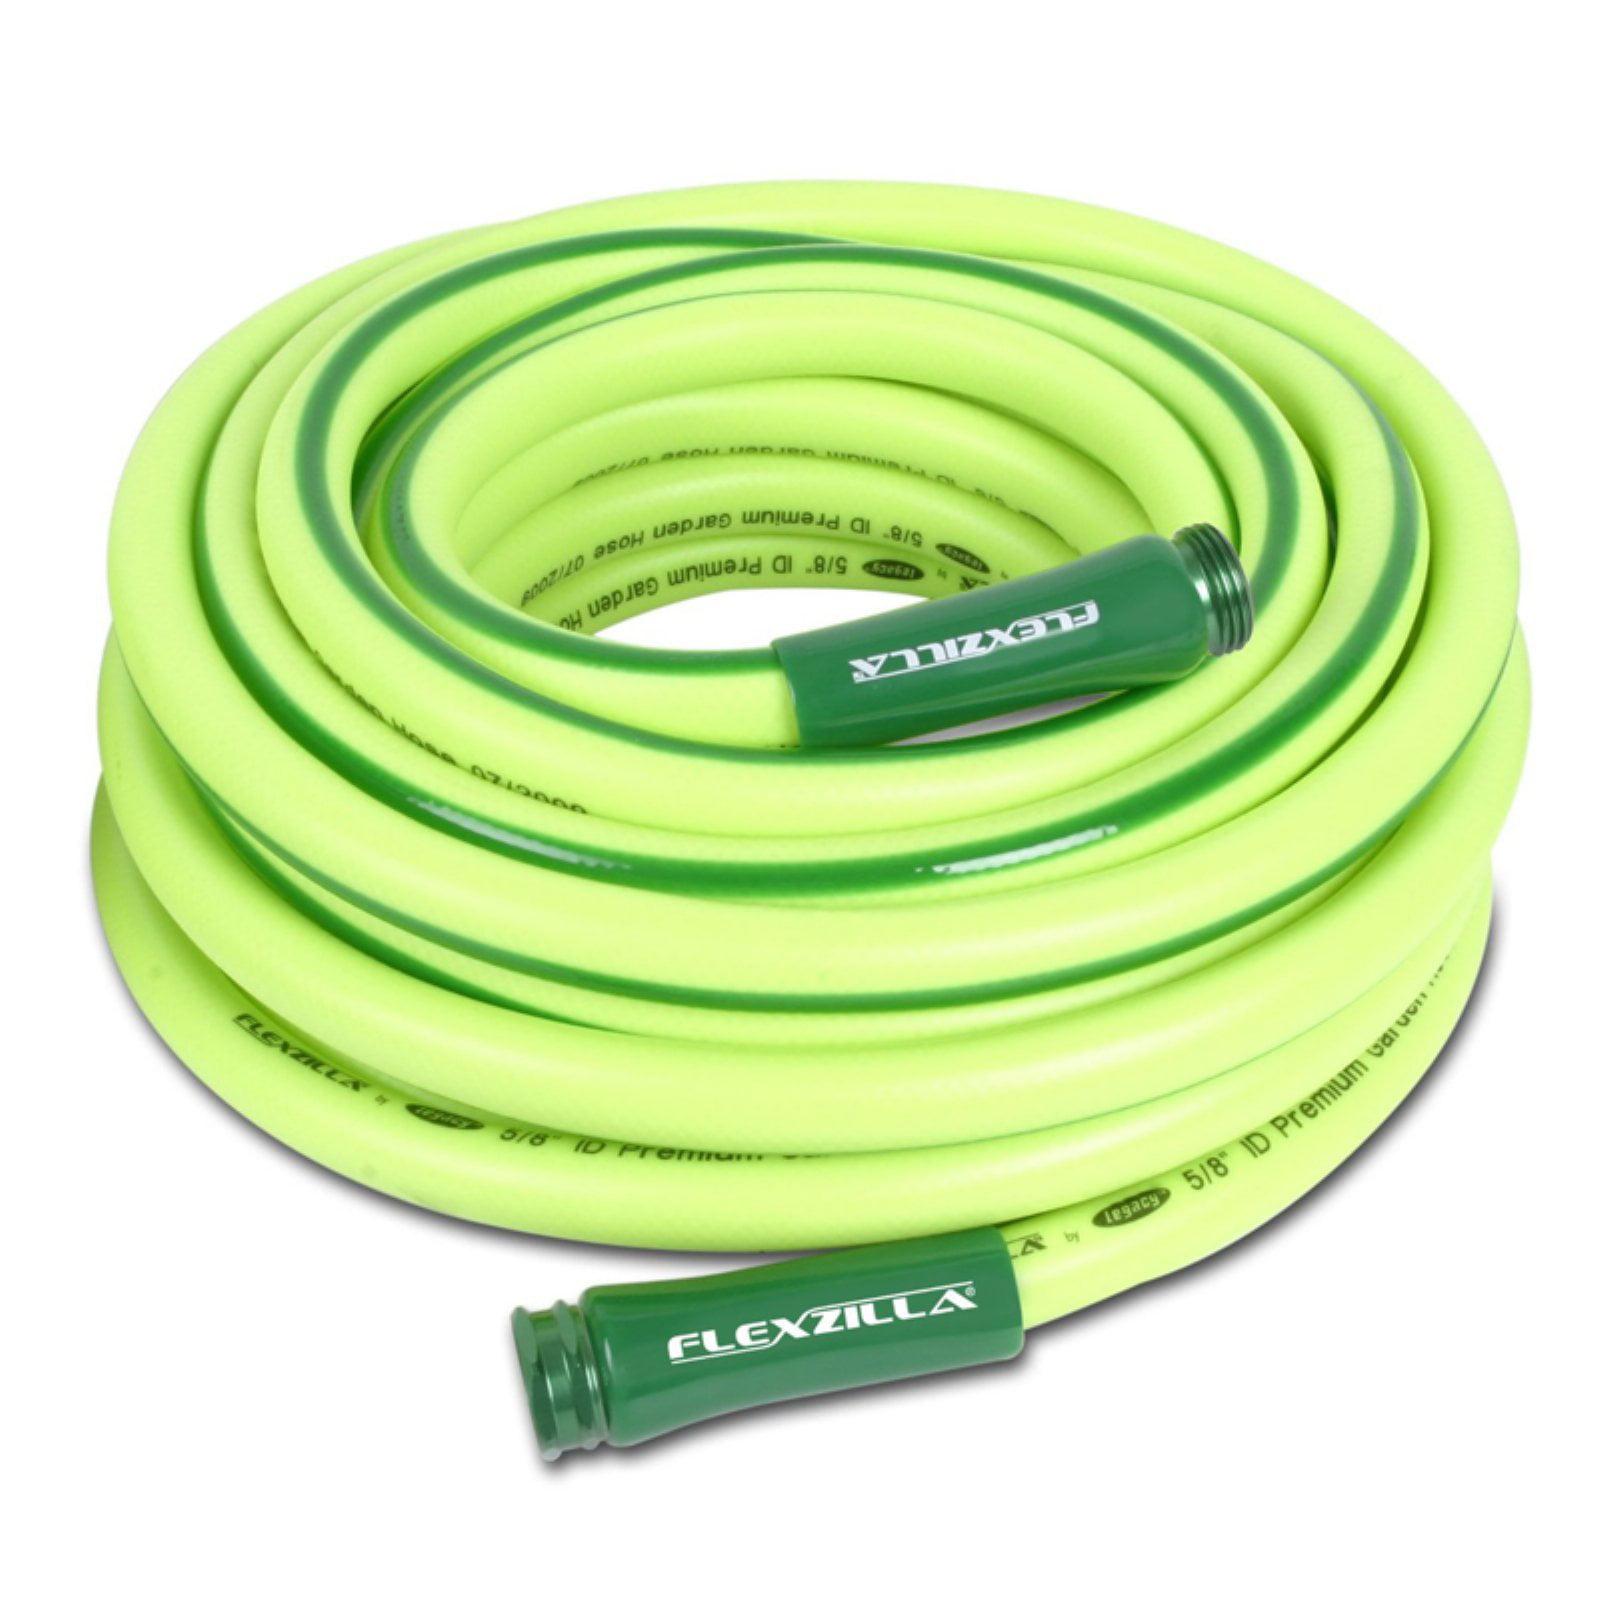 legacy hfzg550yw flexzilla 5 8 x 50 zillagreen garden hose